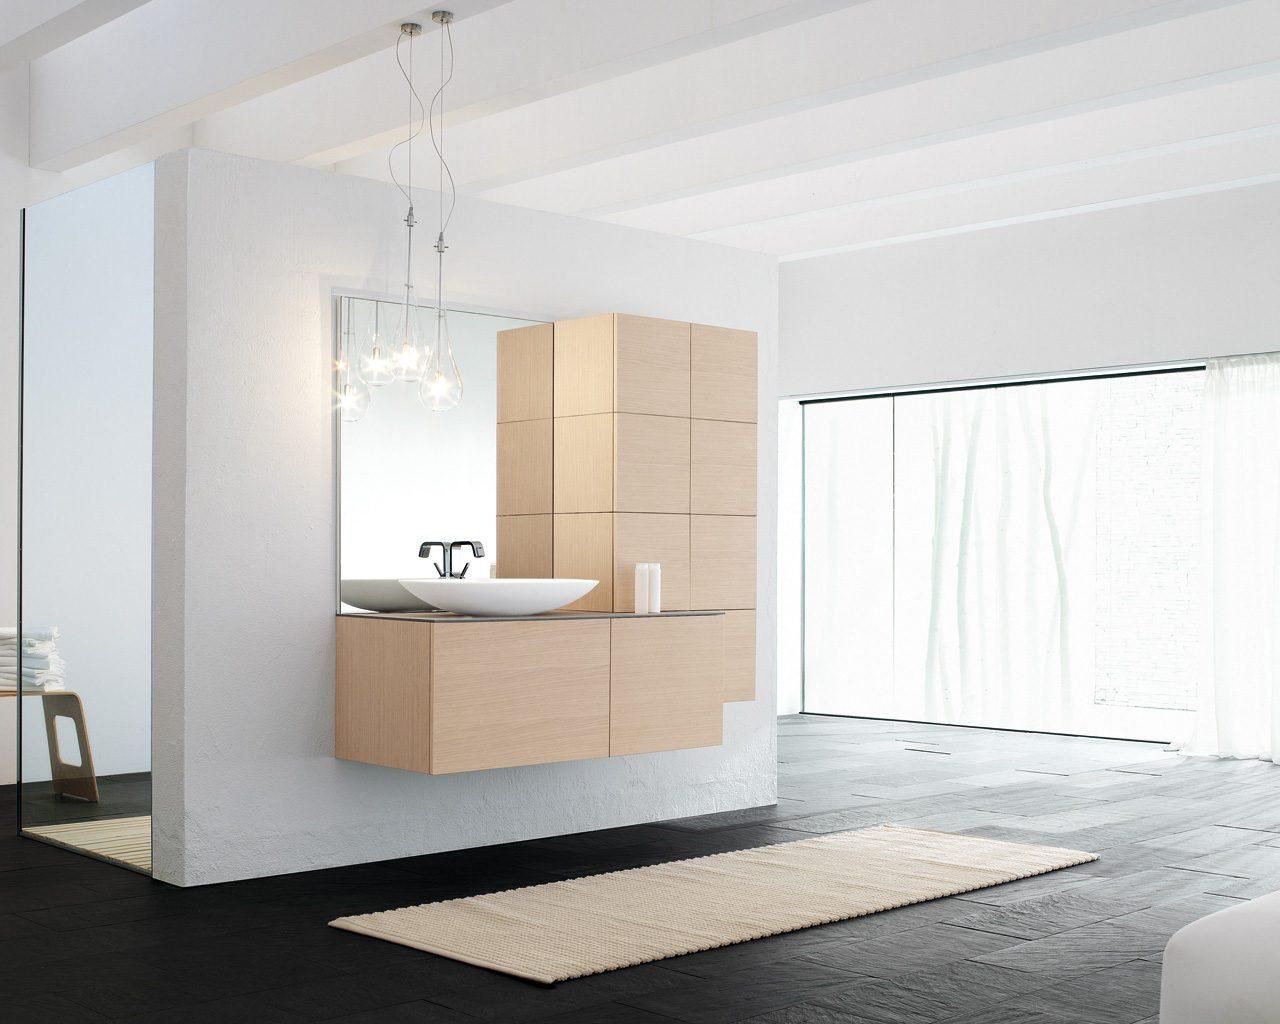 Decoracion De Baño Minimalista:Cuartos de baño minimalistas